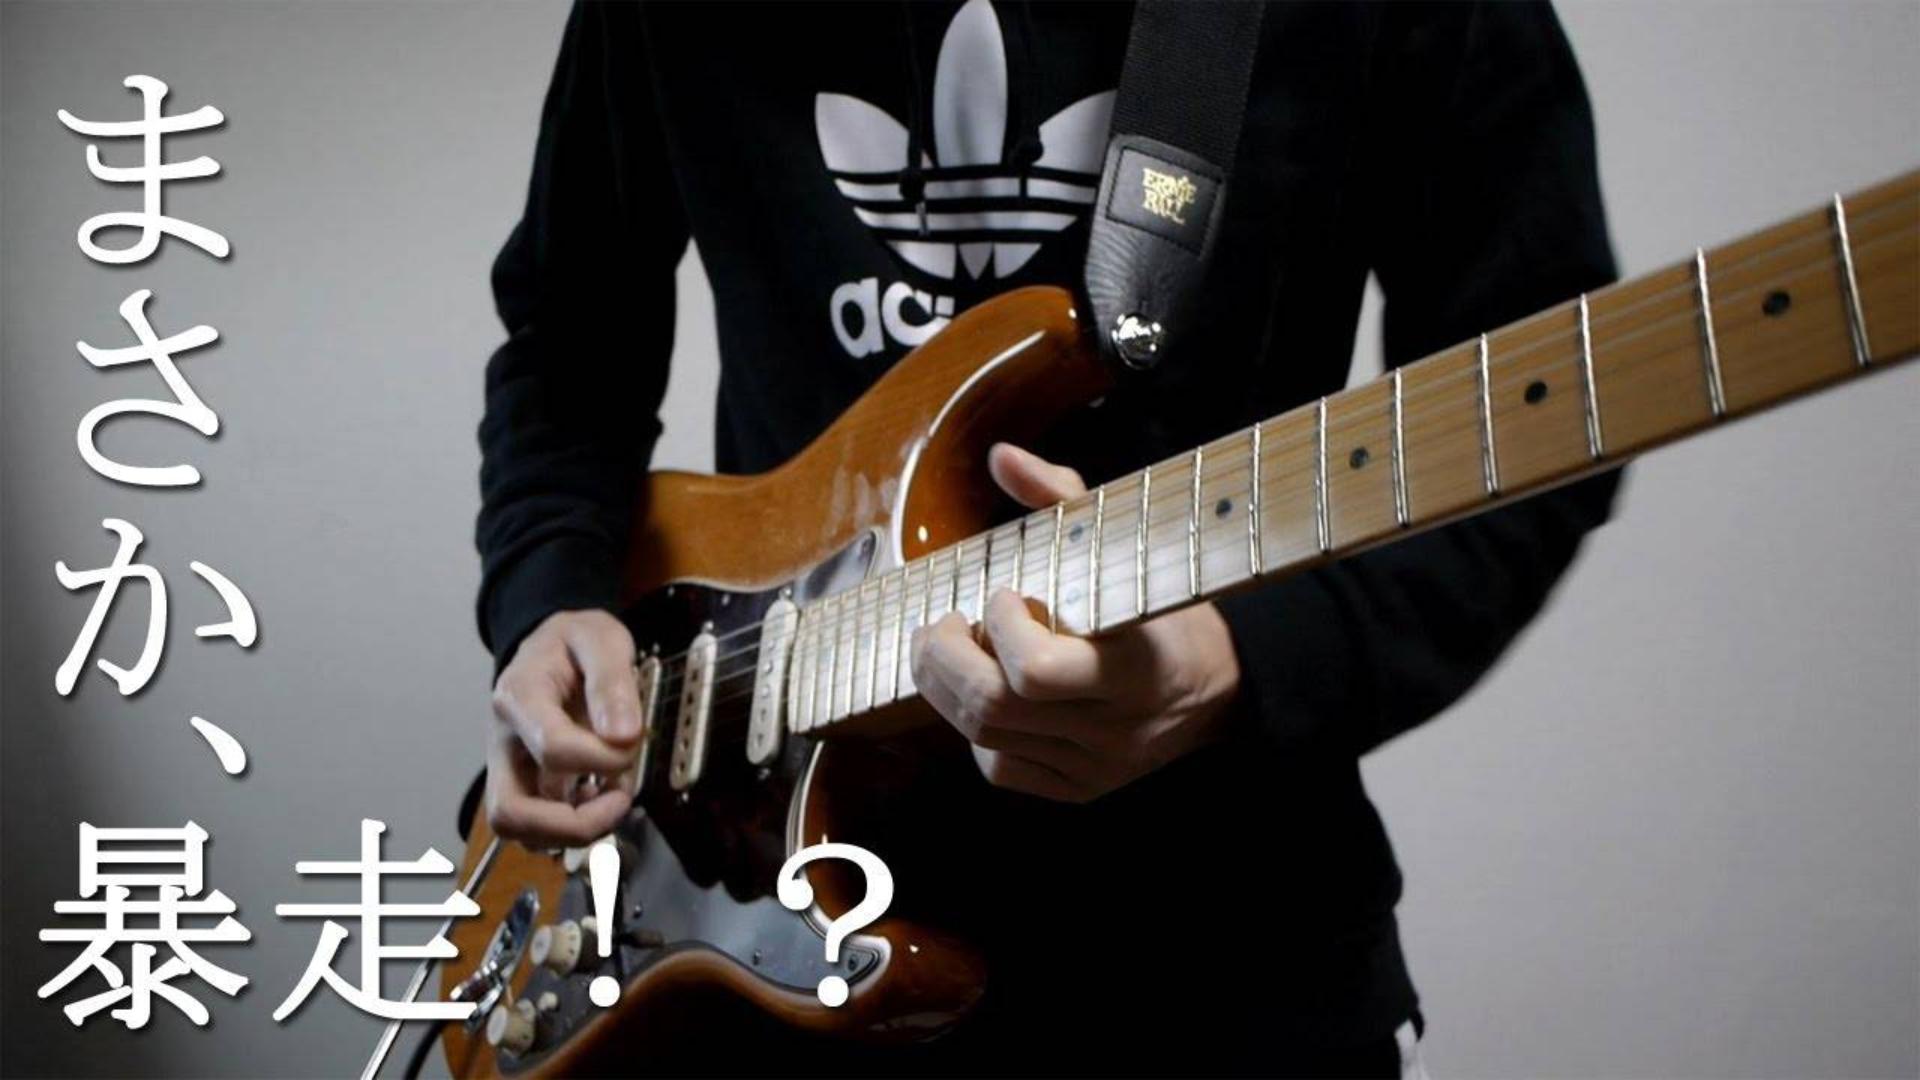 きこり(JKDK、 KIKORI)—《新世纪福音战士》残酷天使的行动纲领 电吉他翻弹